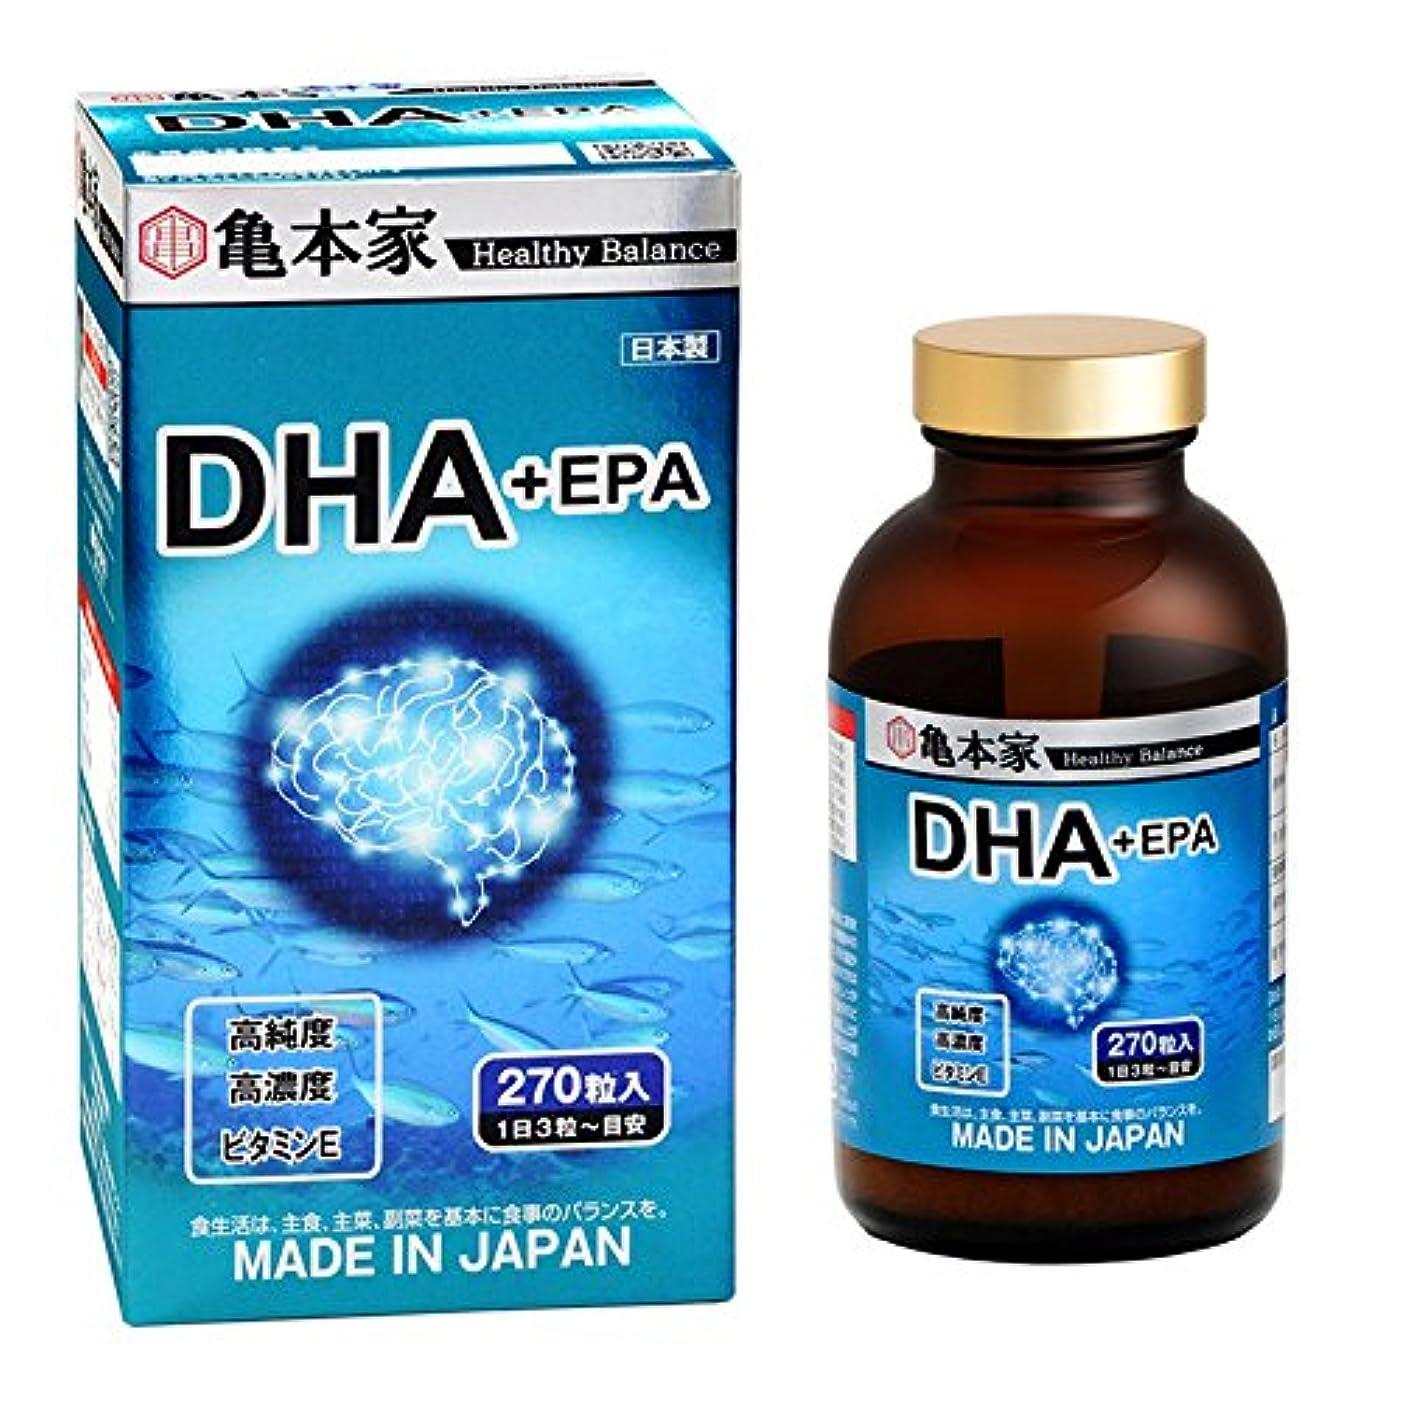 卵フロンティアインフラ亀本家 DHA+EPA -SH762285